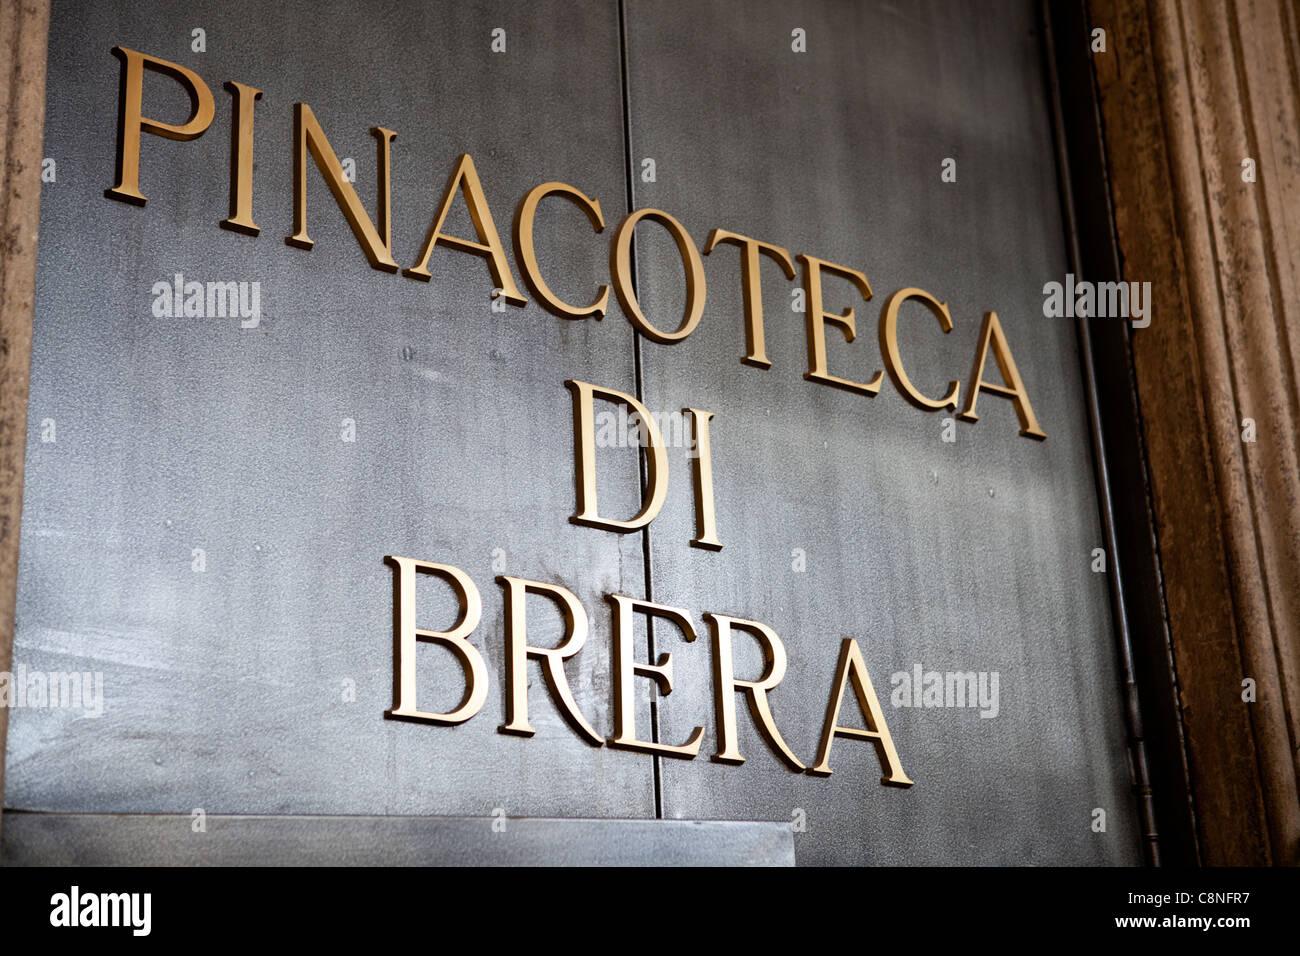 Pinacoteca di Brera - Brera art gallery institute Milano, Italy. Door detail - Stock Image